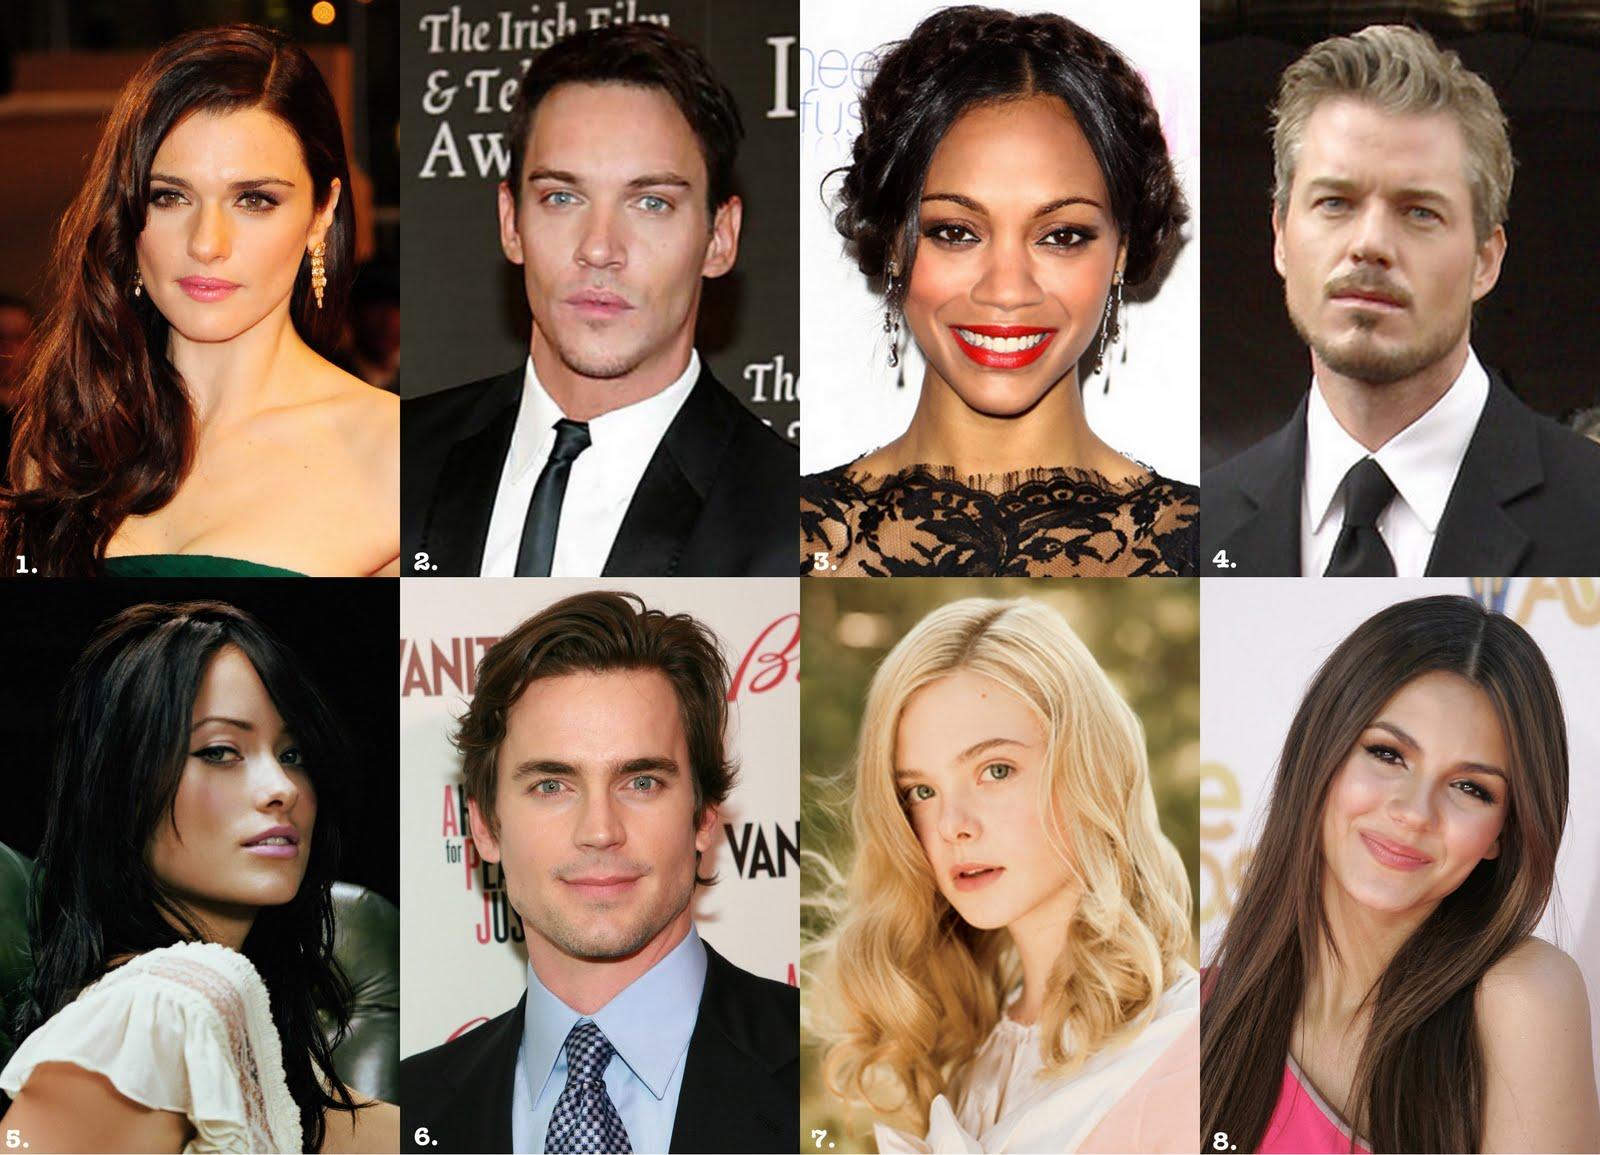 http://3.bp.blogspot.com/-uevgkb8TGHg/TiNctru4L9I/AAAAAAAABBw/JuD-epZi4aY/s1600/vampire+diaries1.jpg